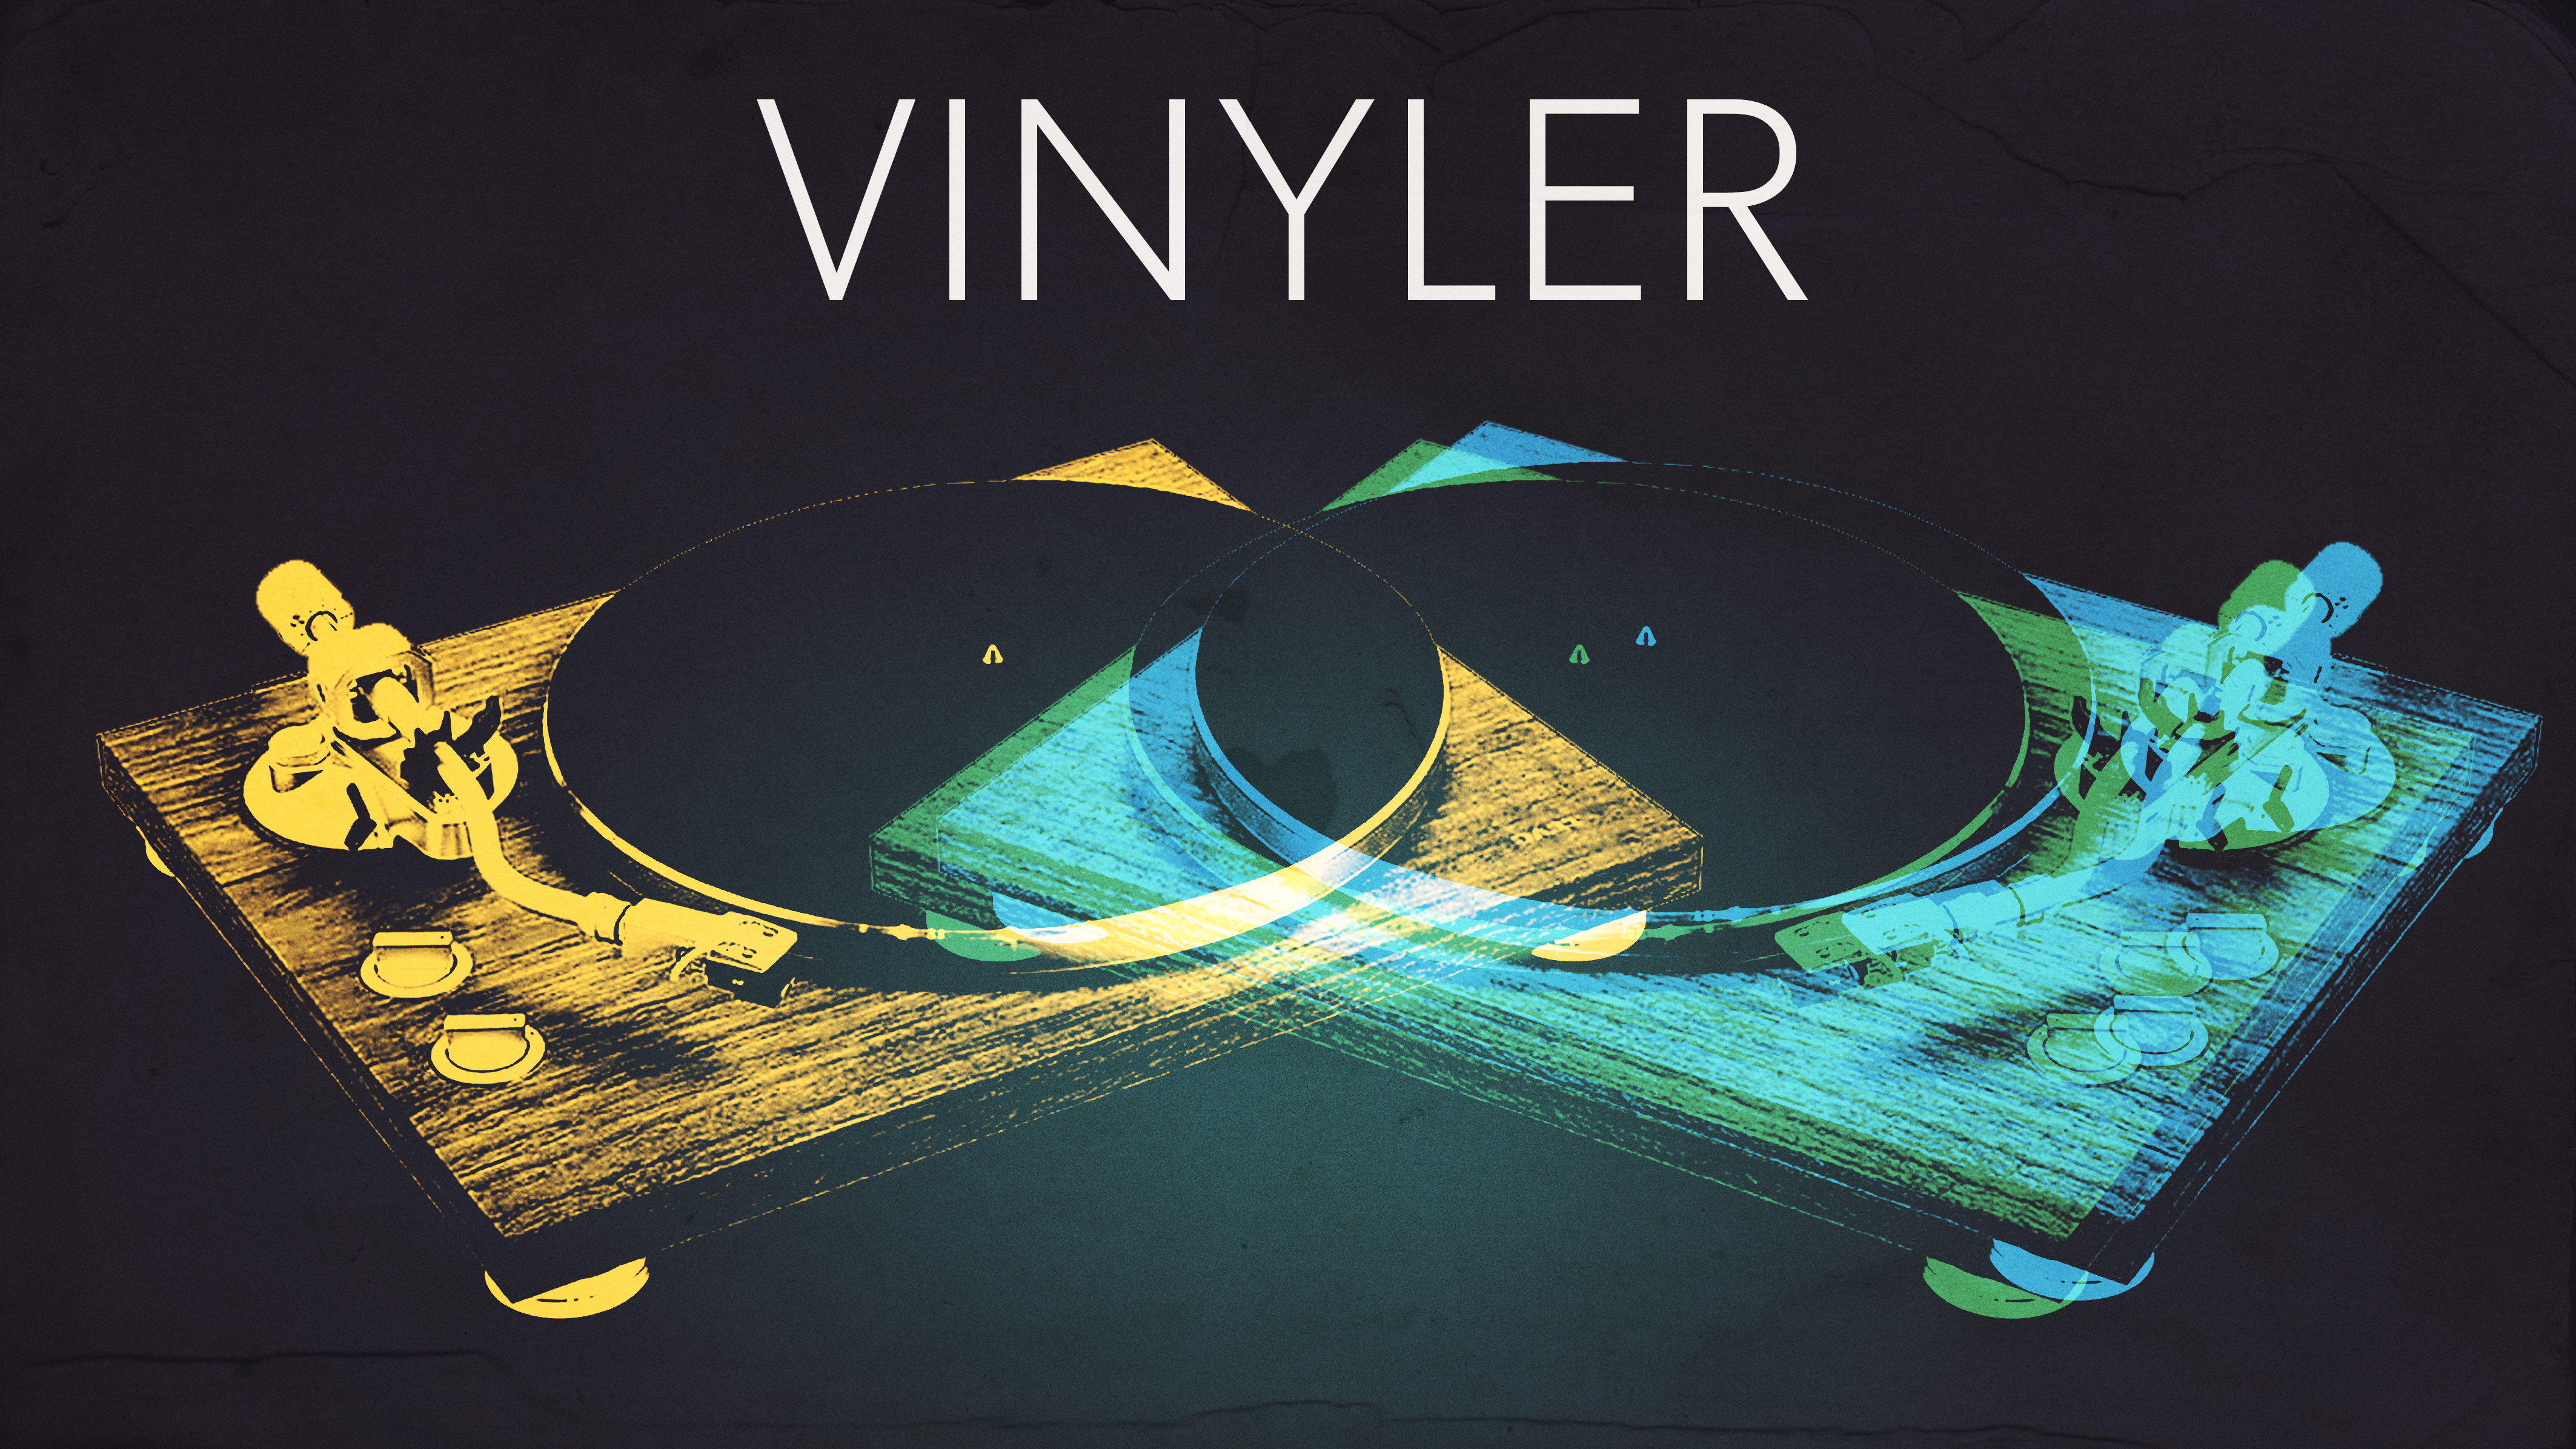 vinyler.jpg